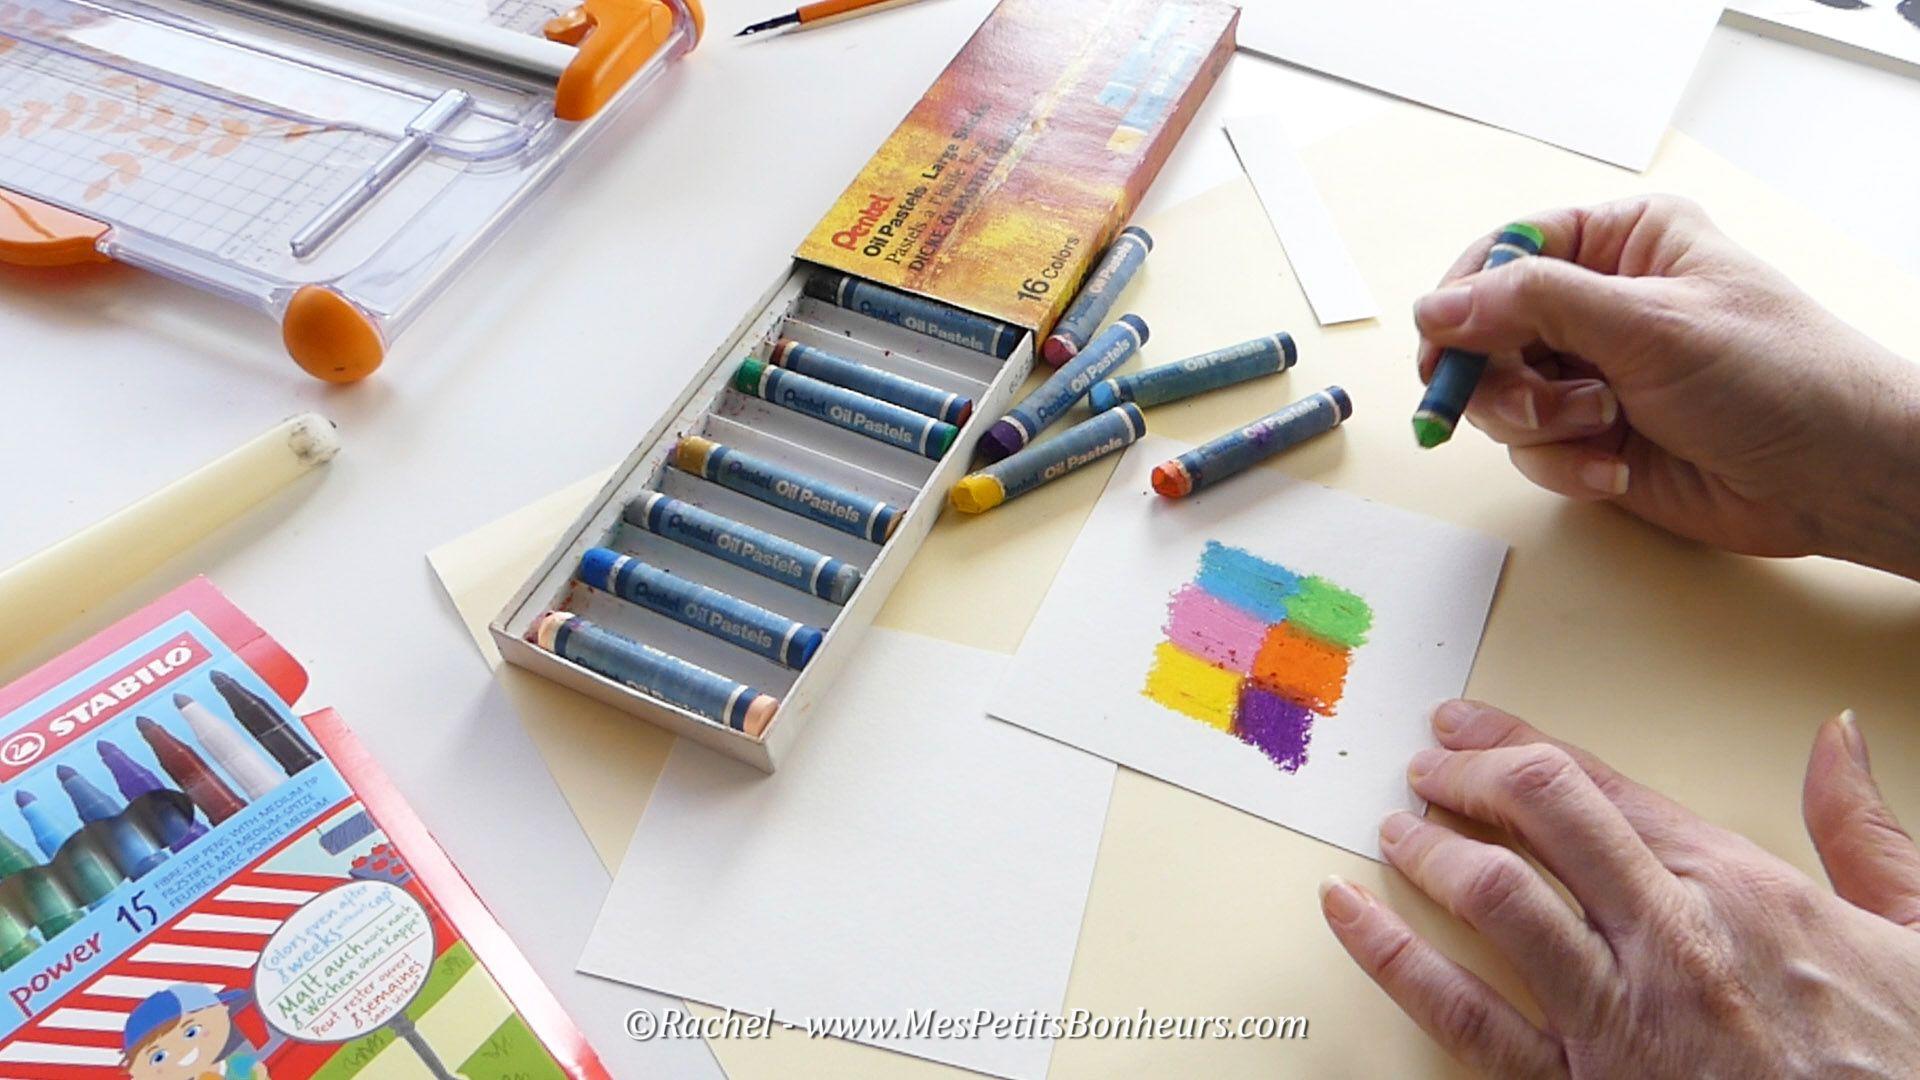 Comment faire de la carte à gratter maison ? Deux solutions… | Carte a gratter, Carte, Cartes